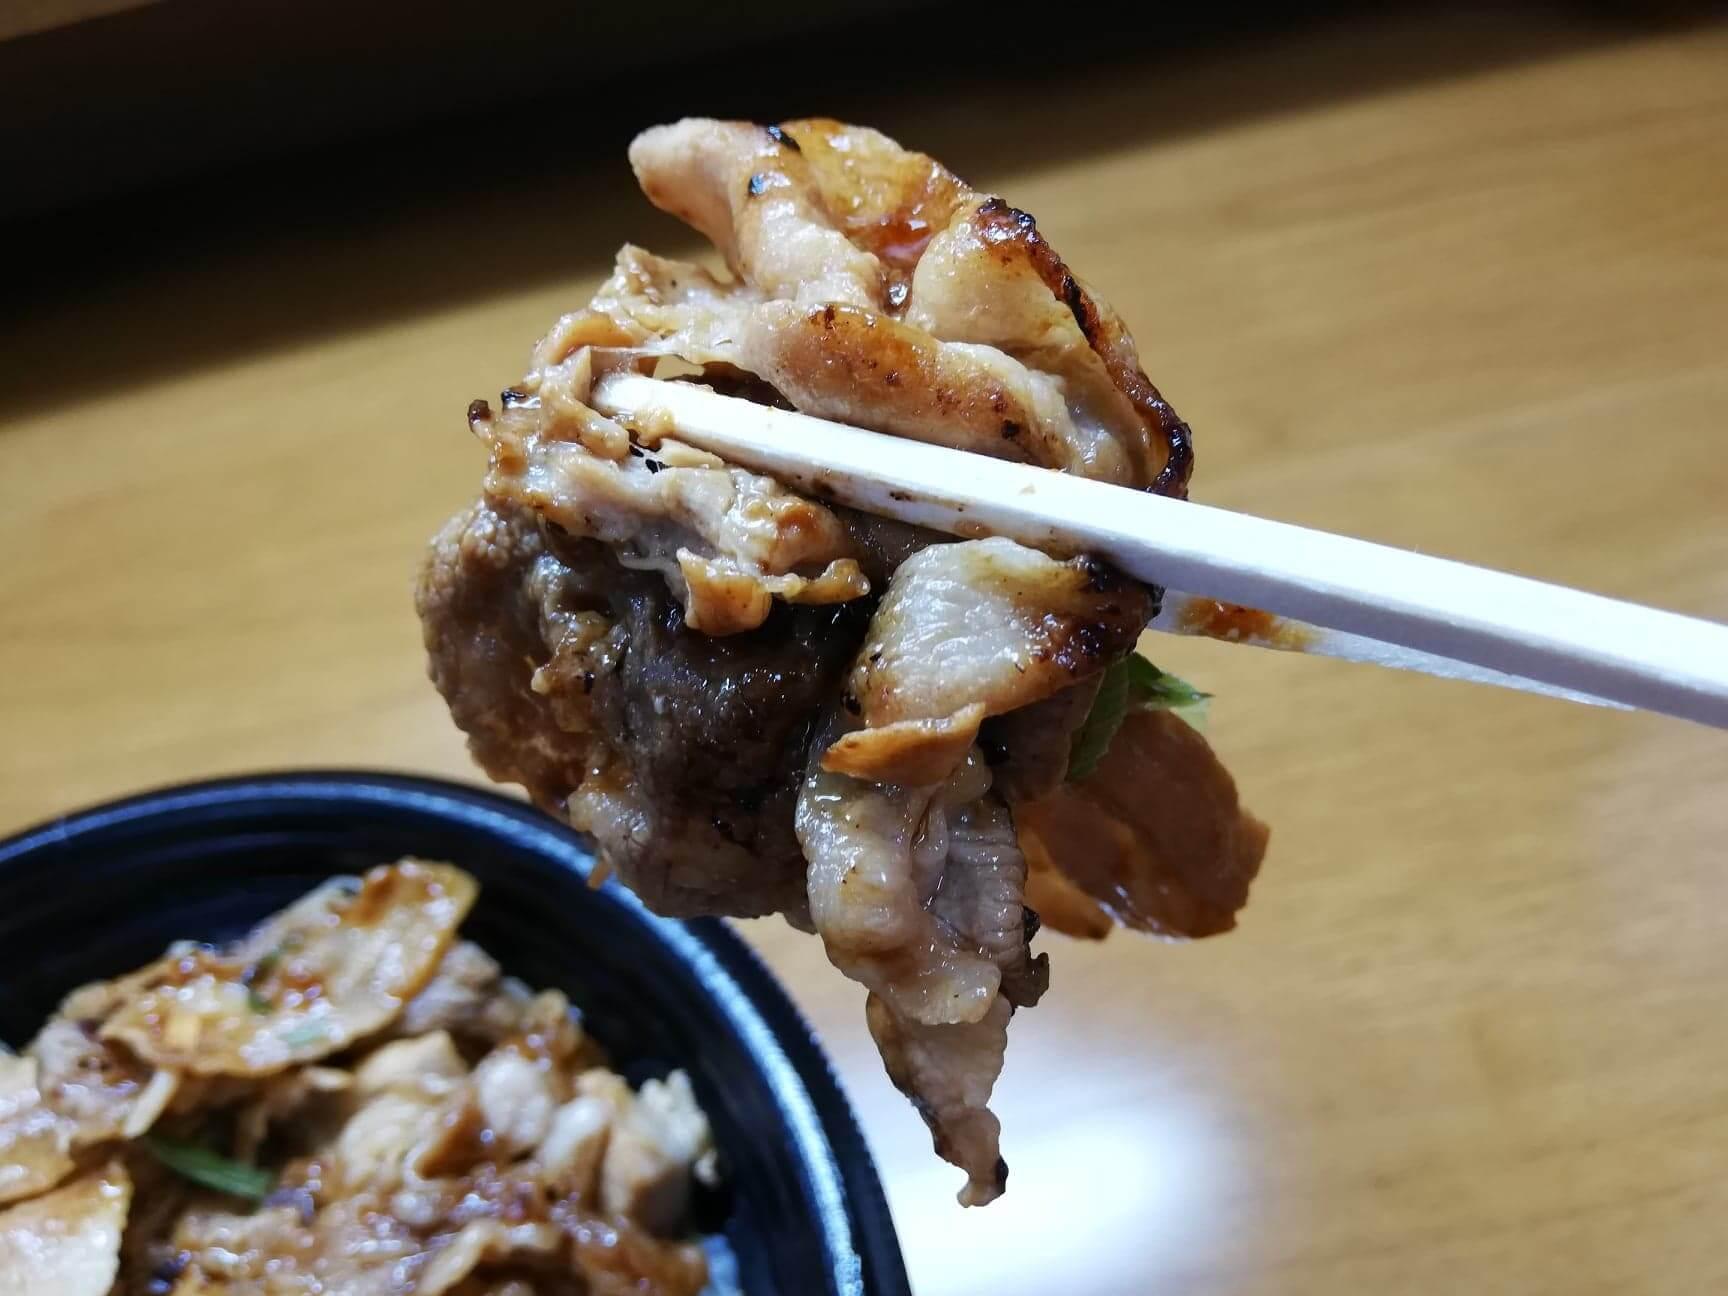 吉野家の『スタミナ超特盛丼』の肉を箸で掴んでいる写真